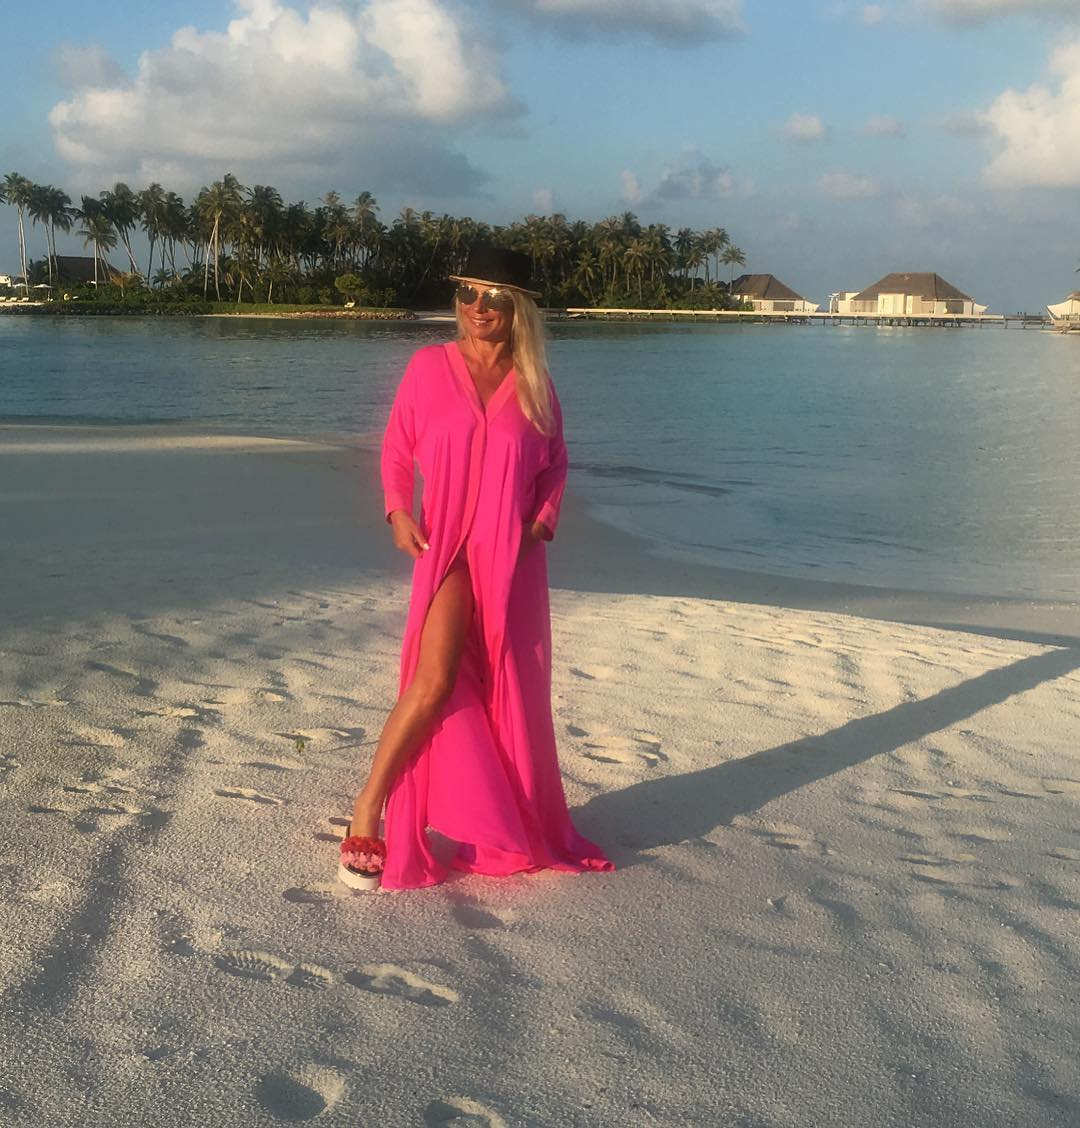 Фото ирины салтыковой на пляже